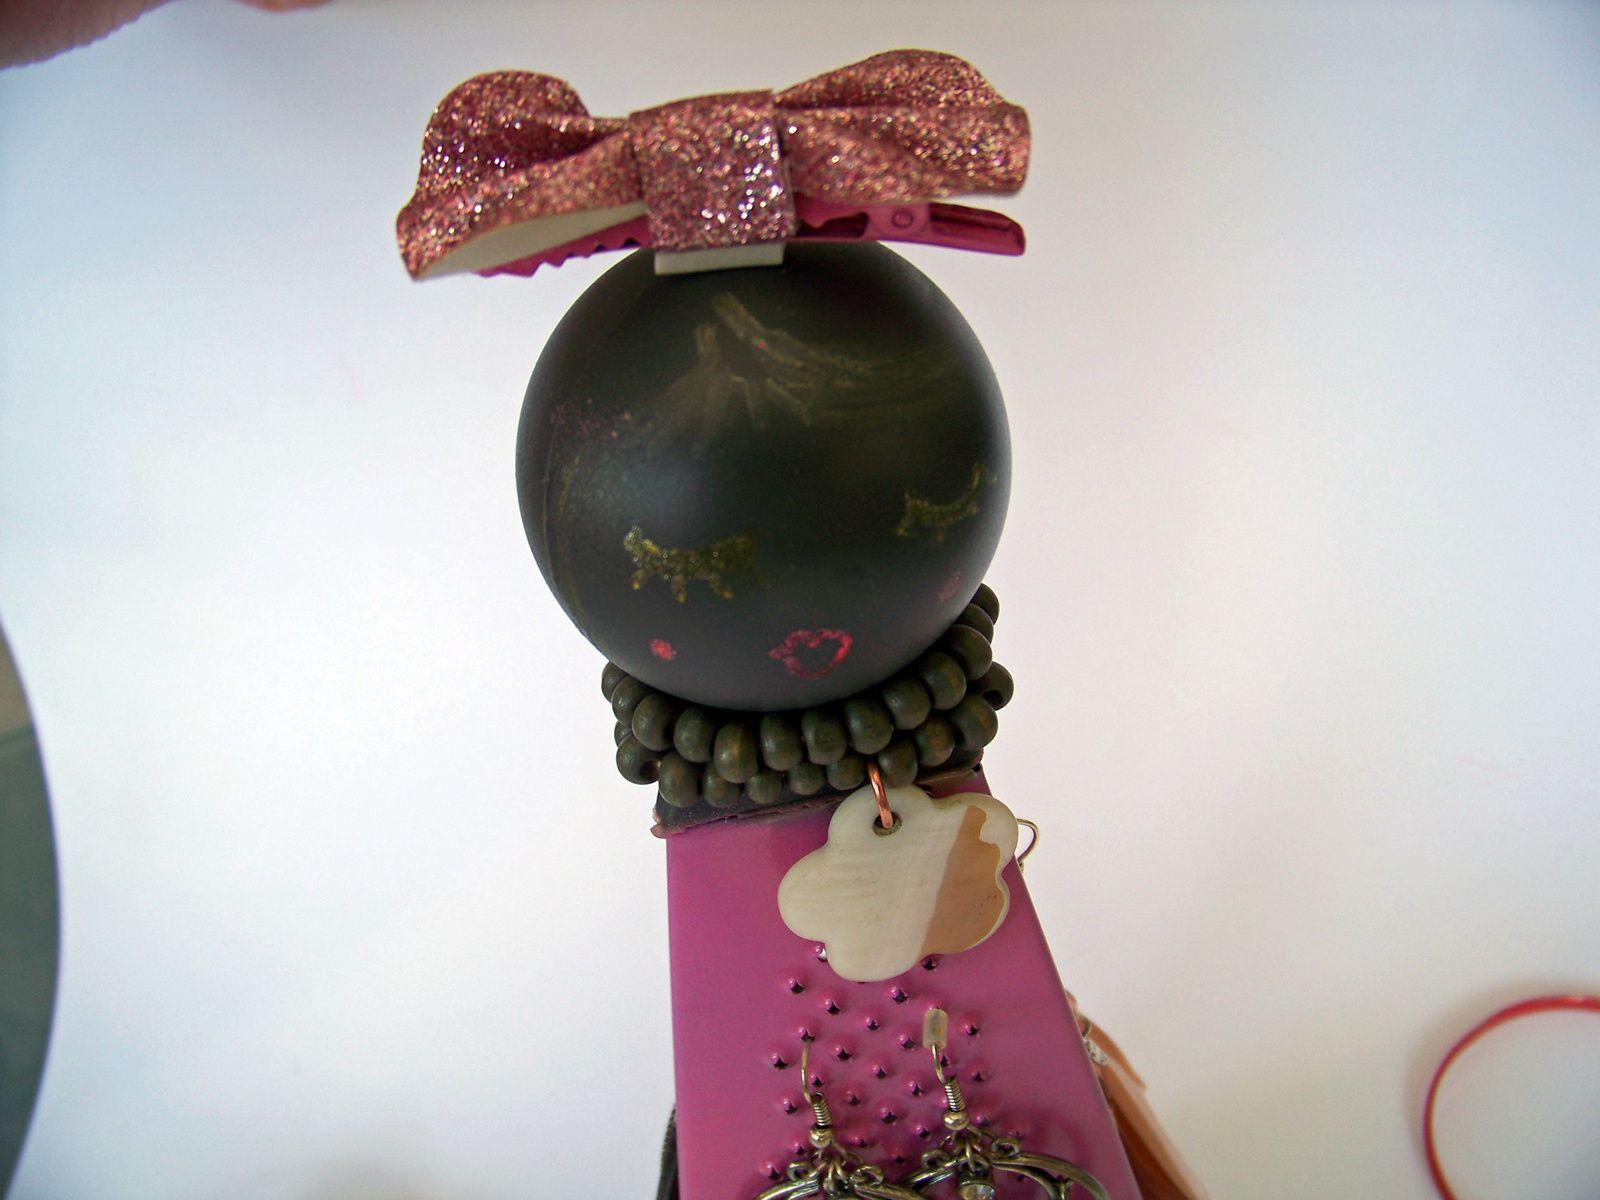 L'objet détourné en porte-bijoux